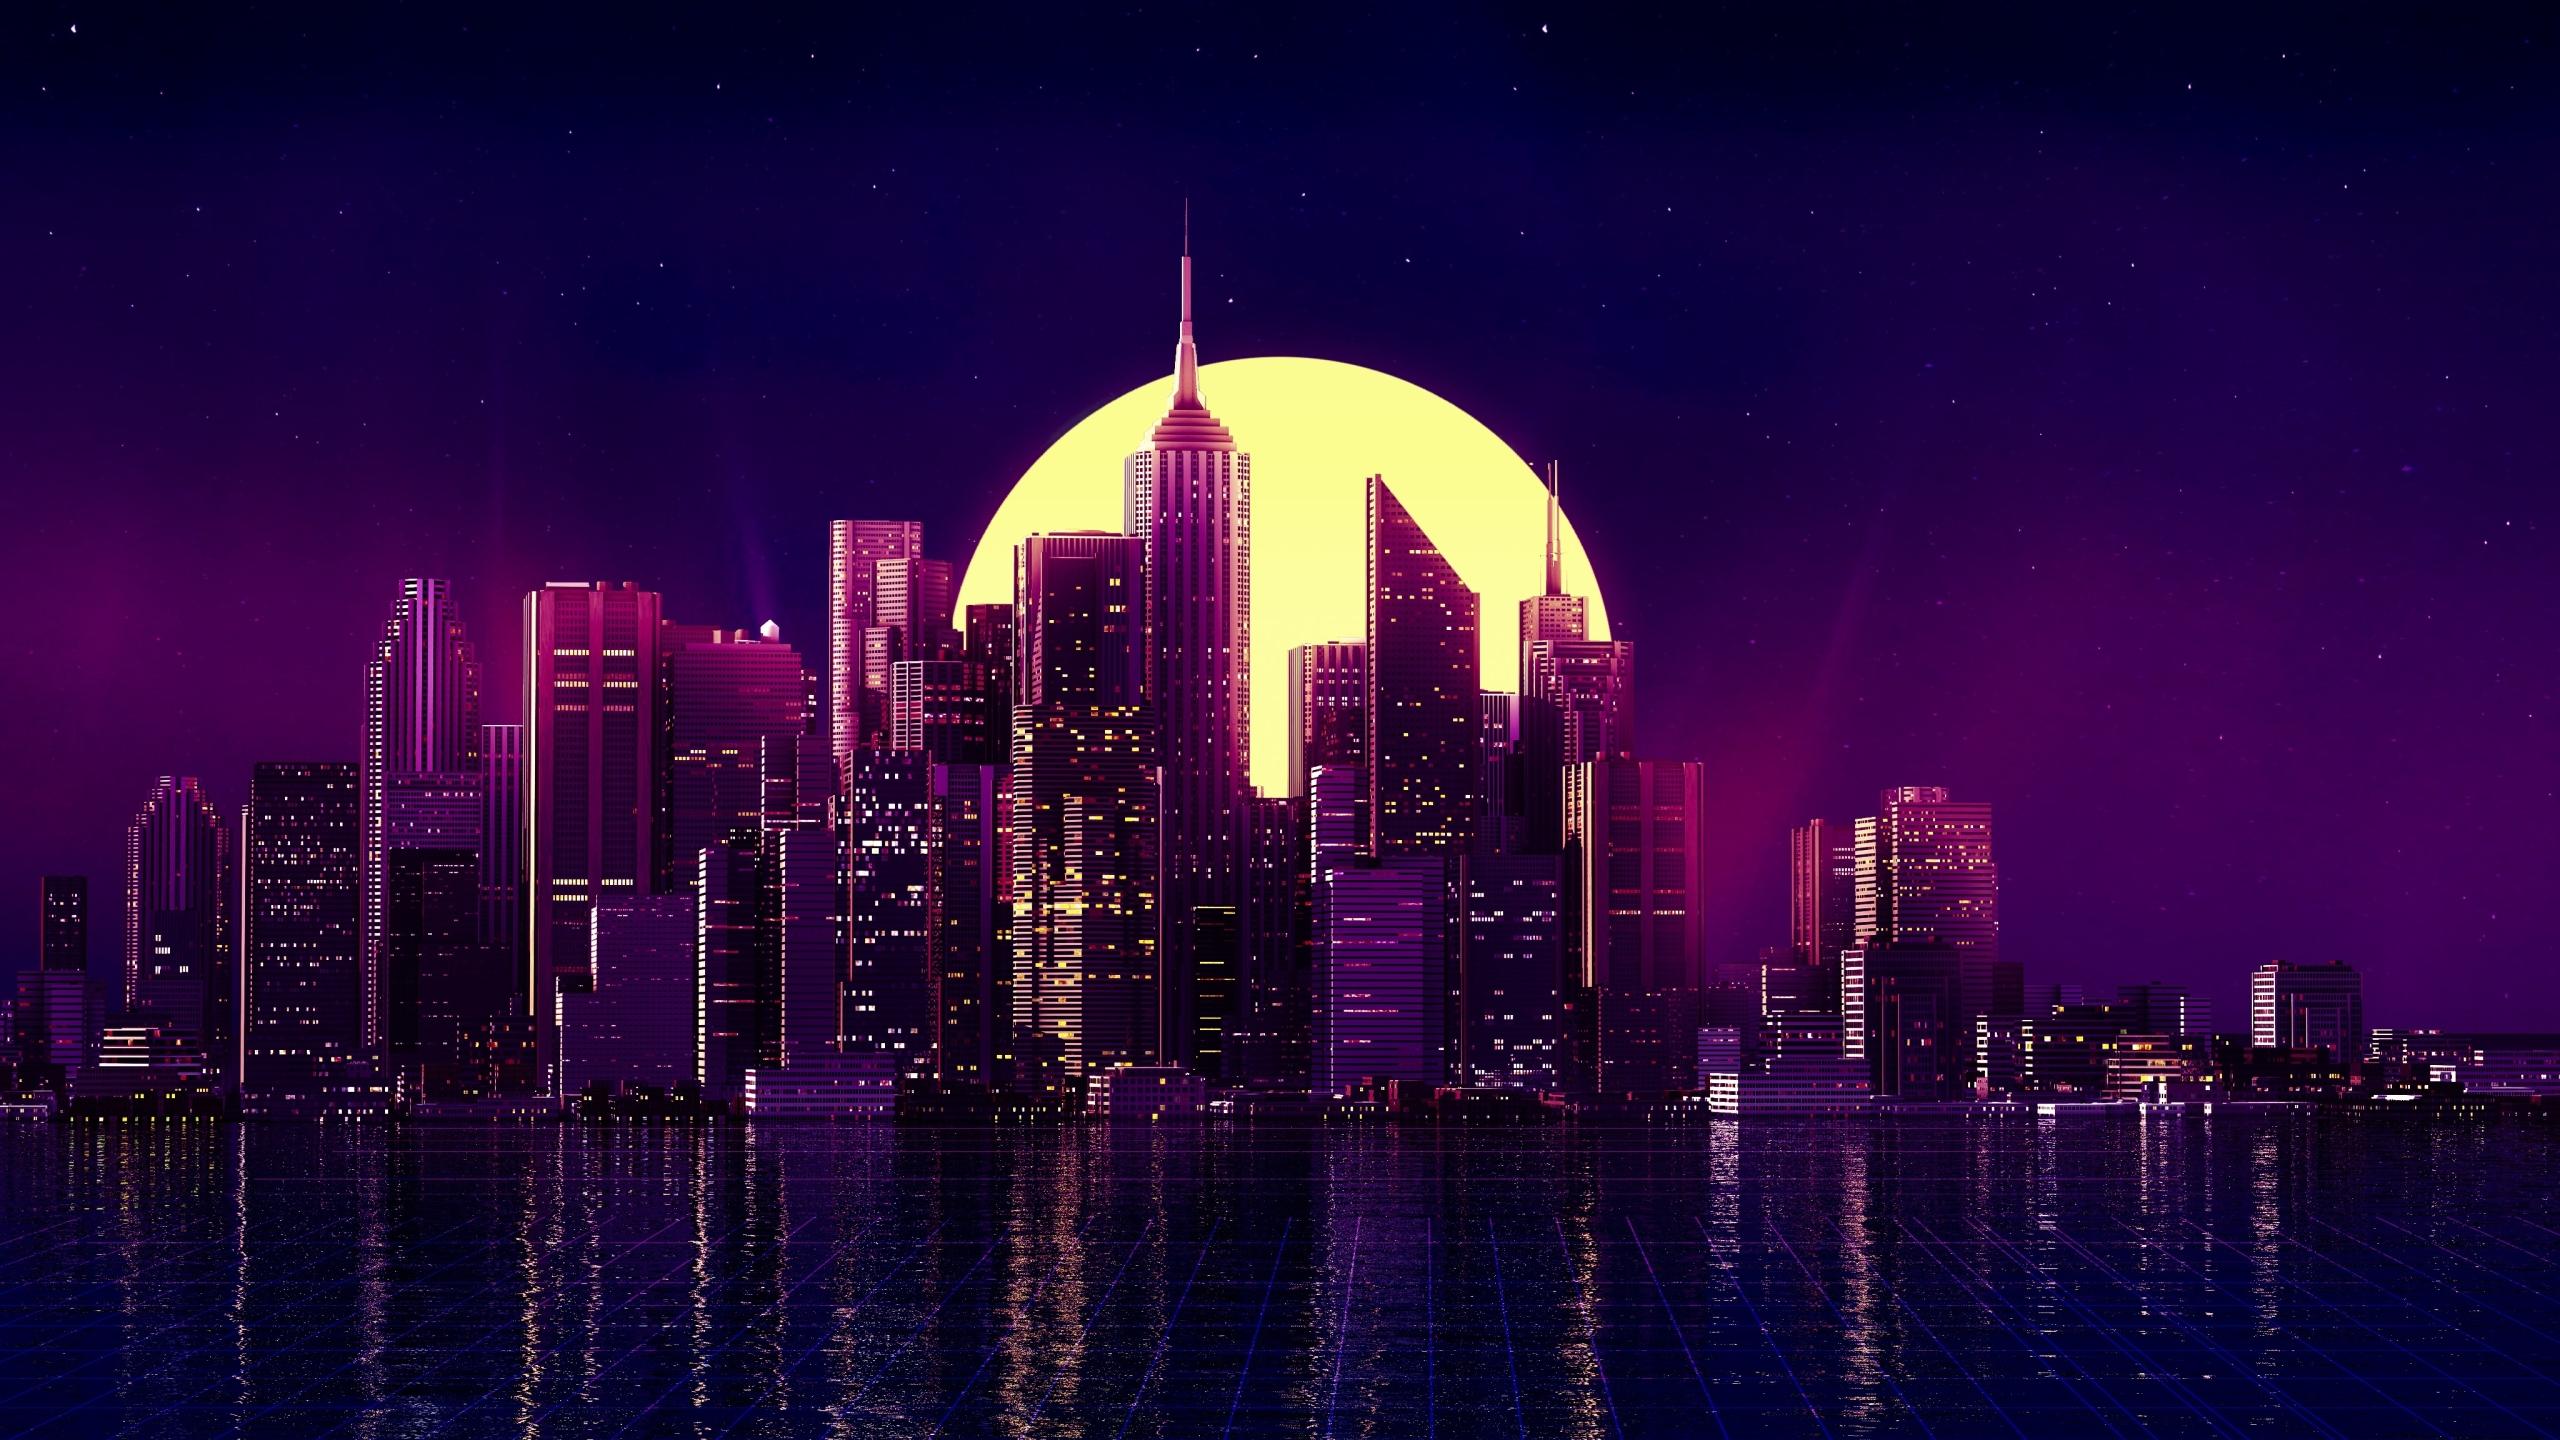 2560x1440 Retro Wave Purple Skyscraper City 1440p Resolution